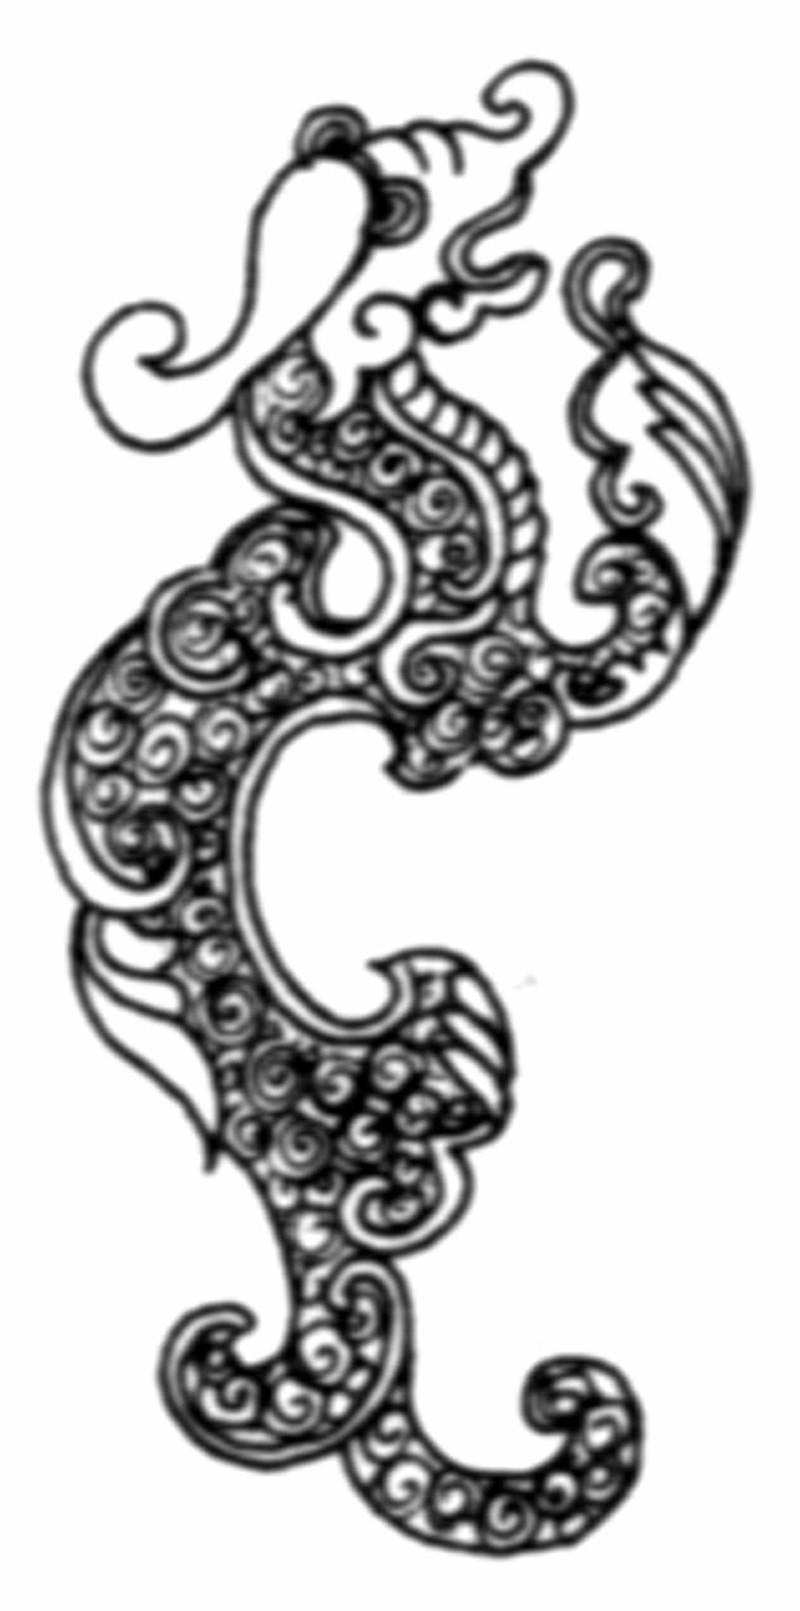 设计图库 文化艺术 传统文化    上传: 2008-9-15 大小: 145.